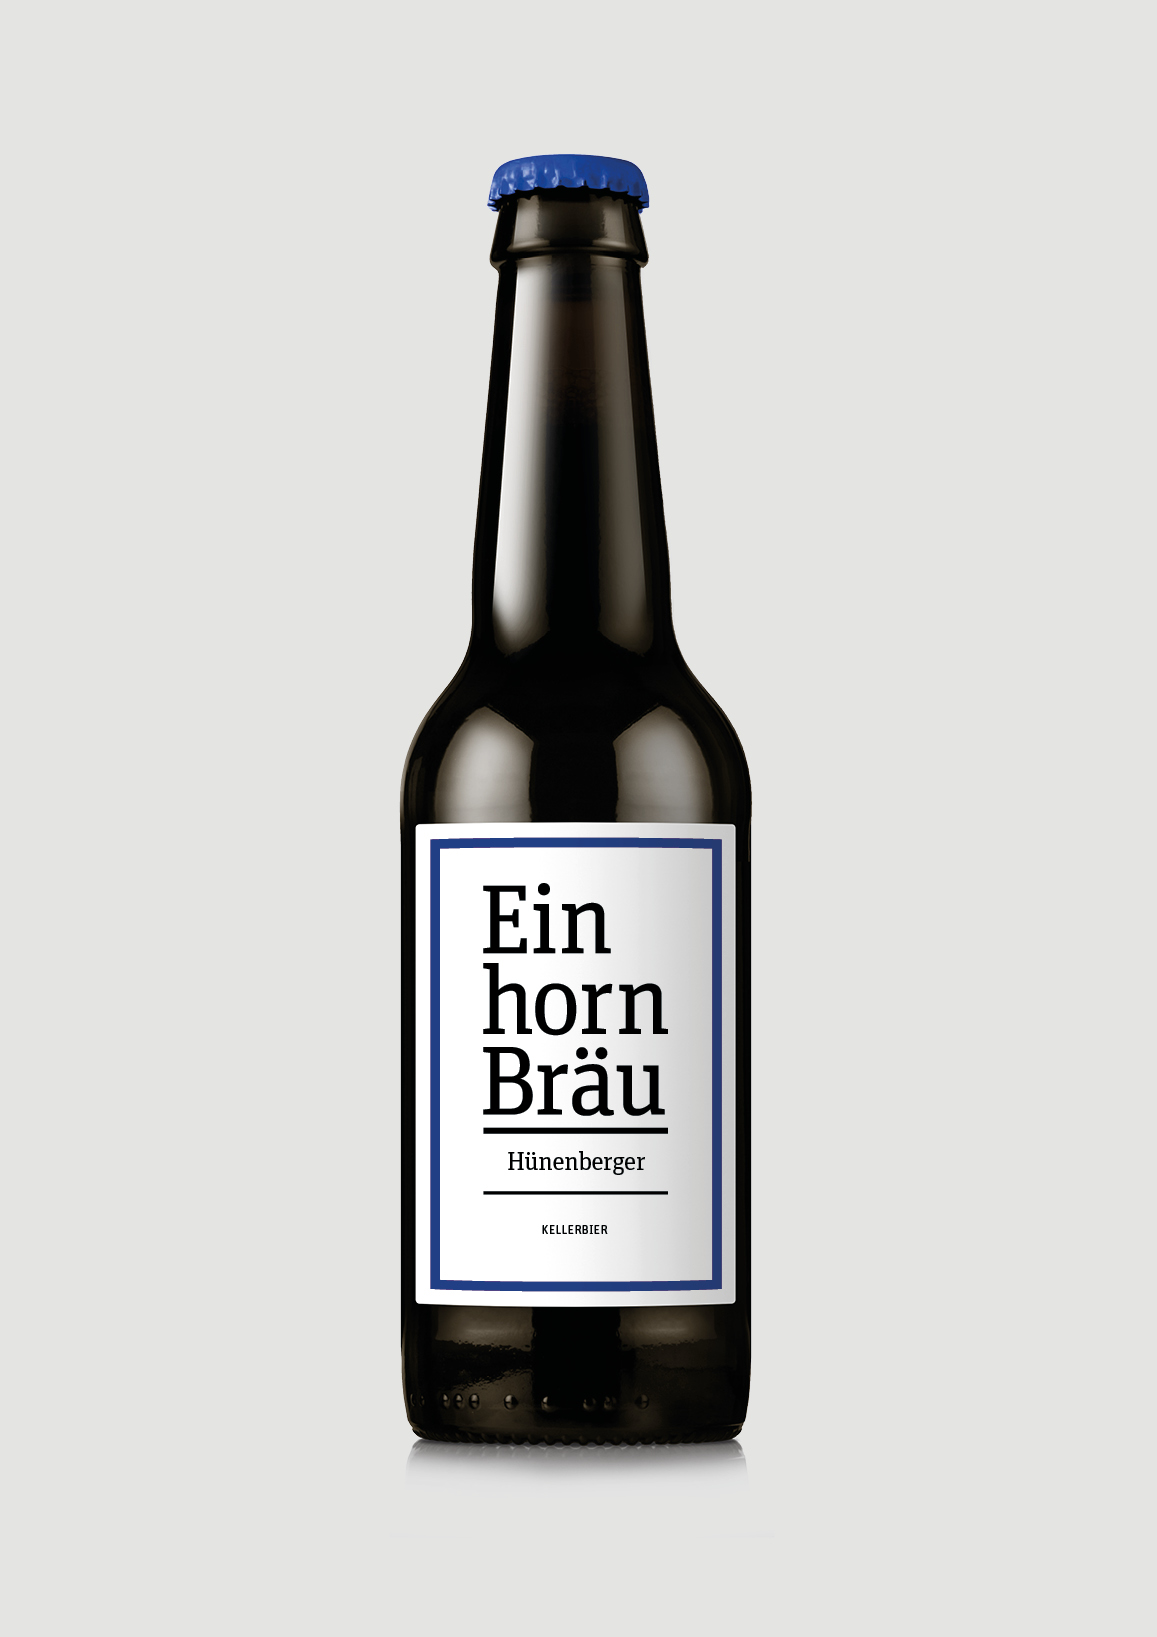 Hünenberger - KellerbierNaturtrübes Lagerbier, welches aus drei Malz- und vier Hopfensorten gebraut wird. Unfiltriert abgefüllt, bekommt dieses Bier seine angenehme Spritzigkeit und verleiht ihm einen süffigen Charakter.unfiltriertes Bier4.8% volZutaten: Wasser, Gerstenmalz, Hopfen, HefeNährwertangaben: Energiewert 42 kcal/dl